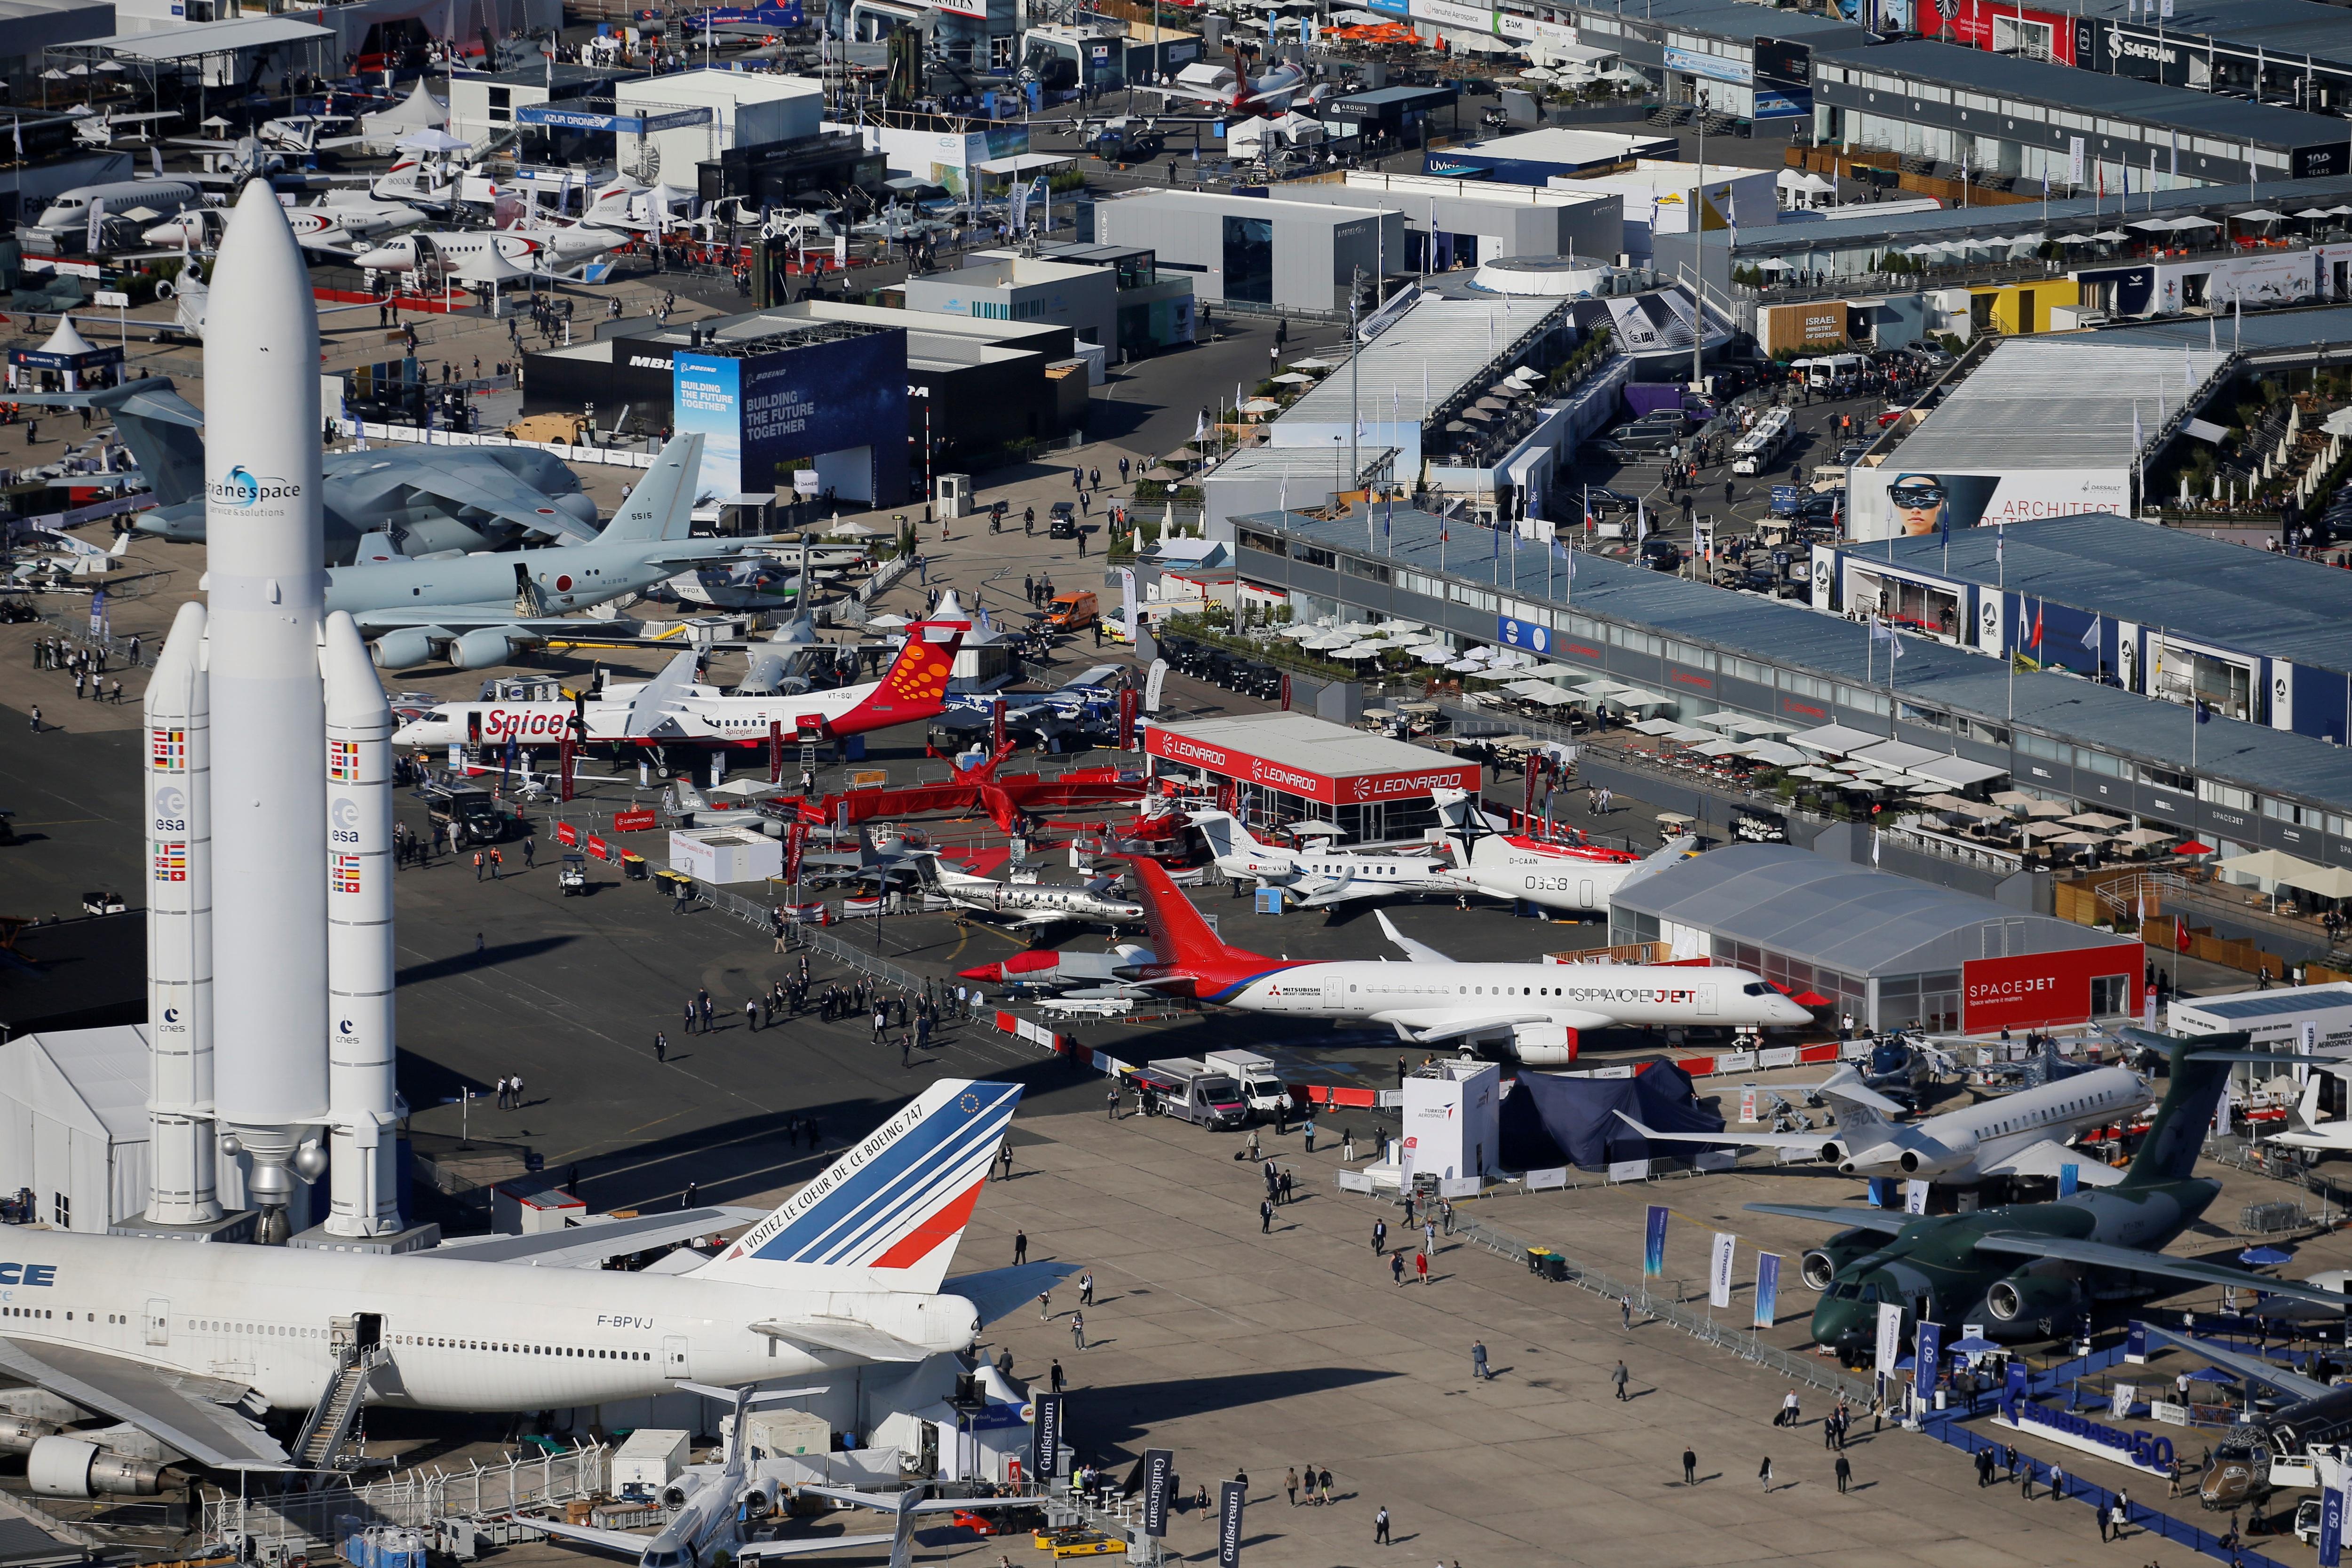 Đã mắt với với dàn máy bay khủng tại triển lãm hàng không lớn nhất thế giới - 2